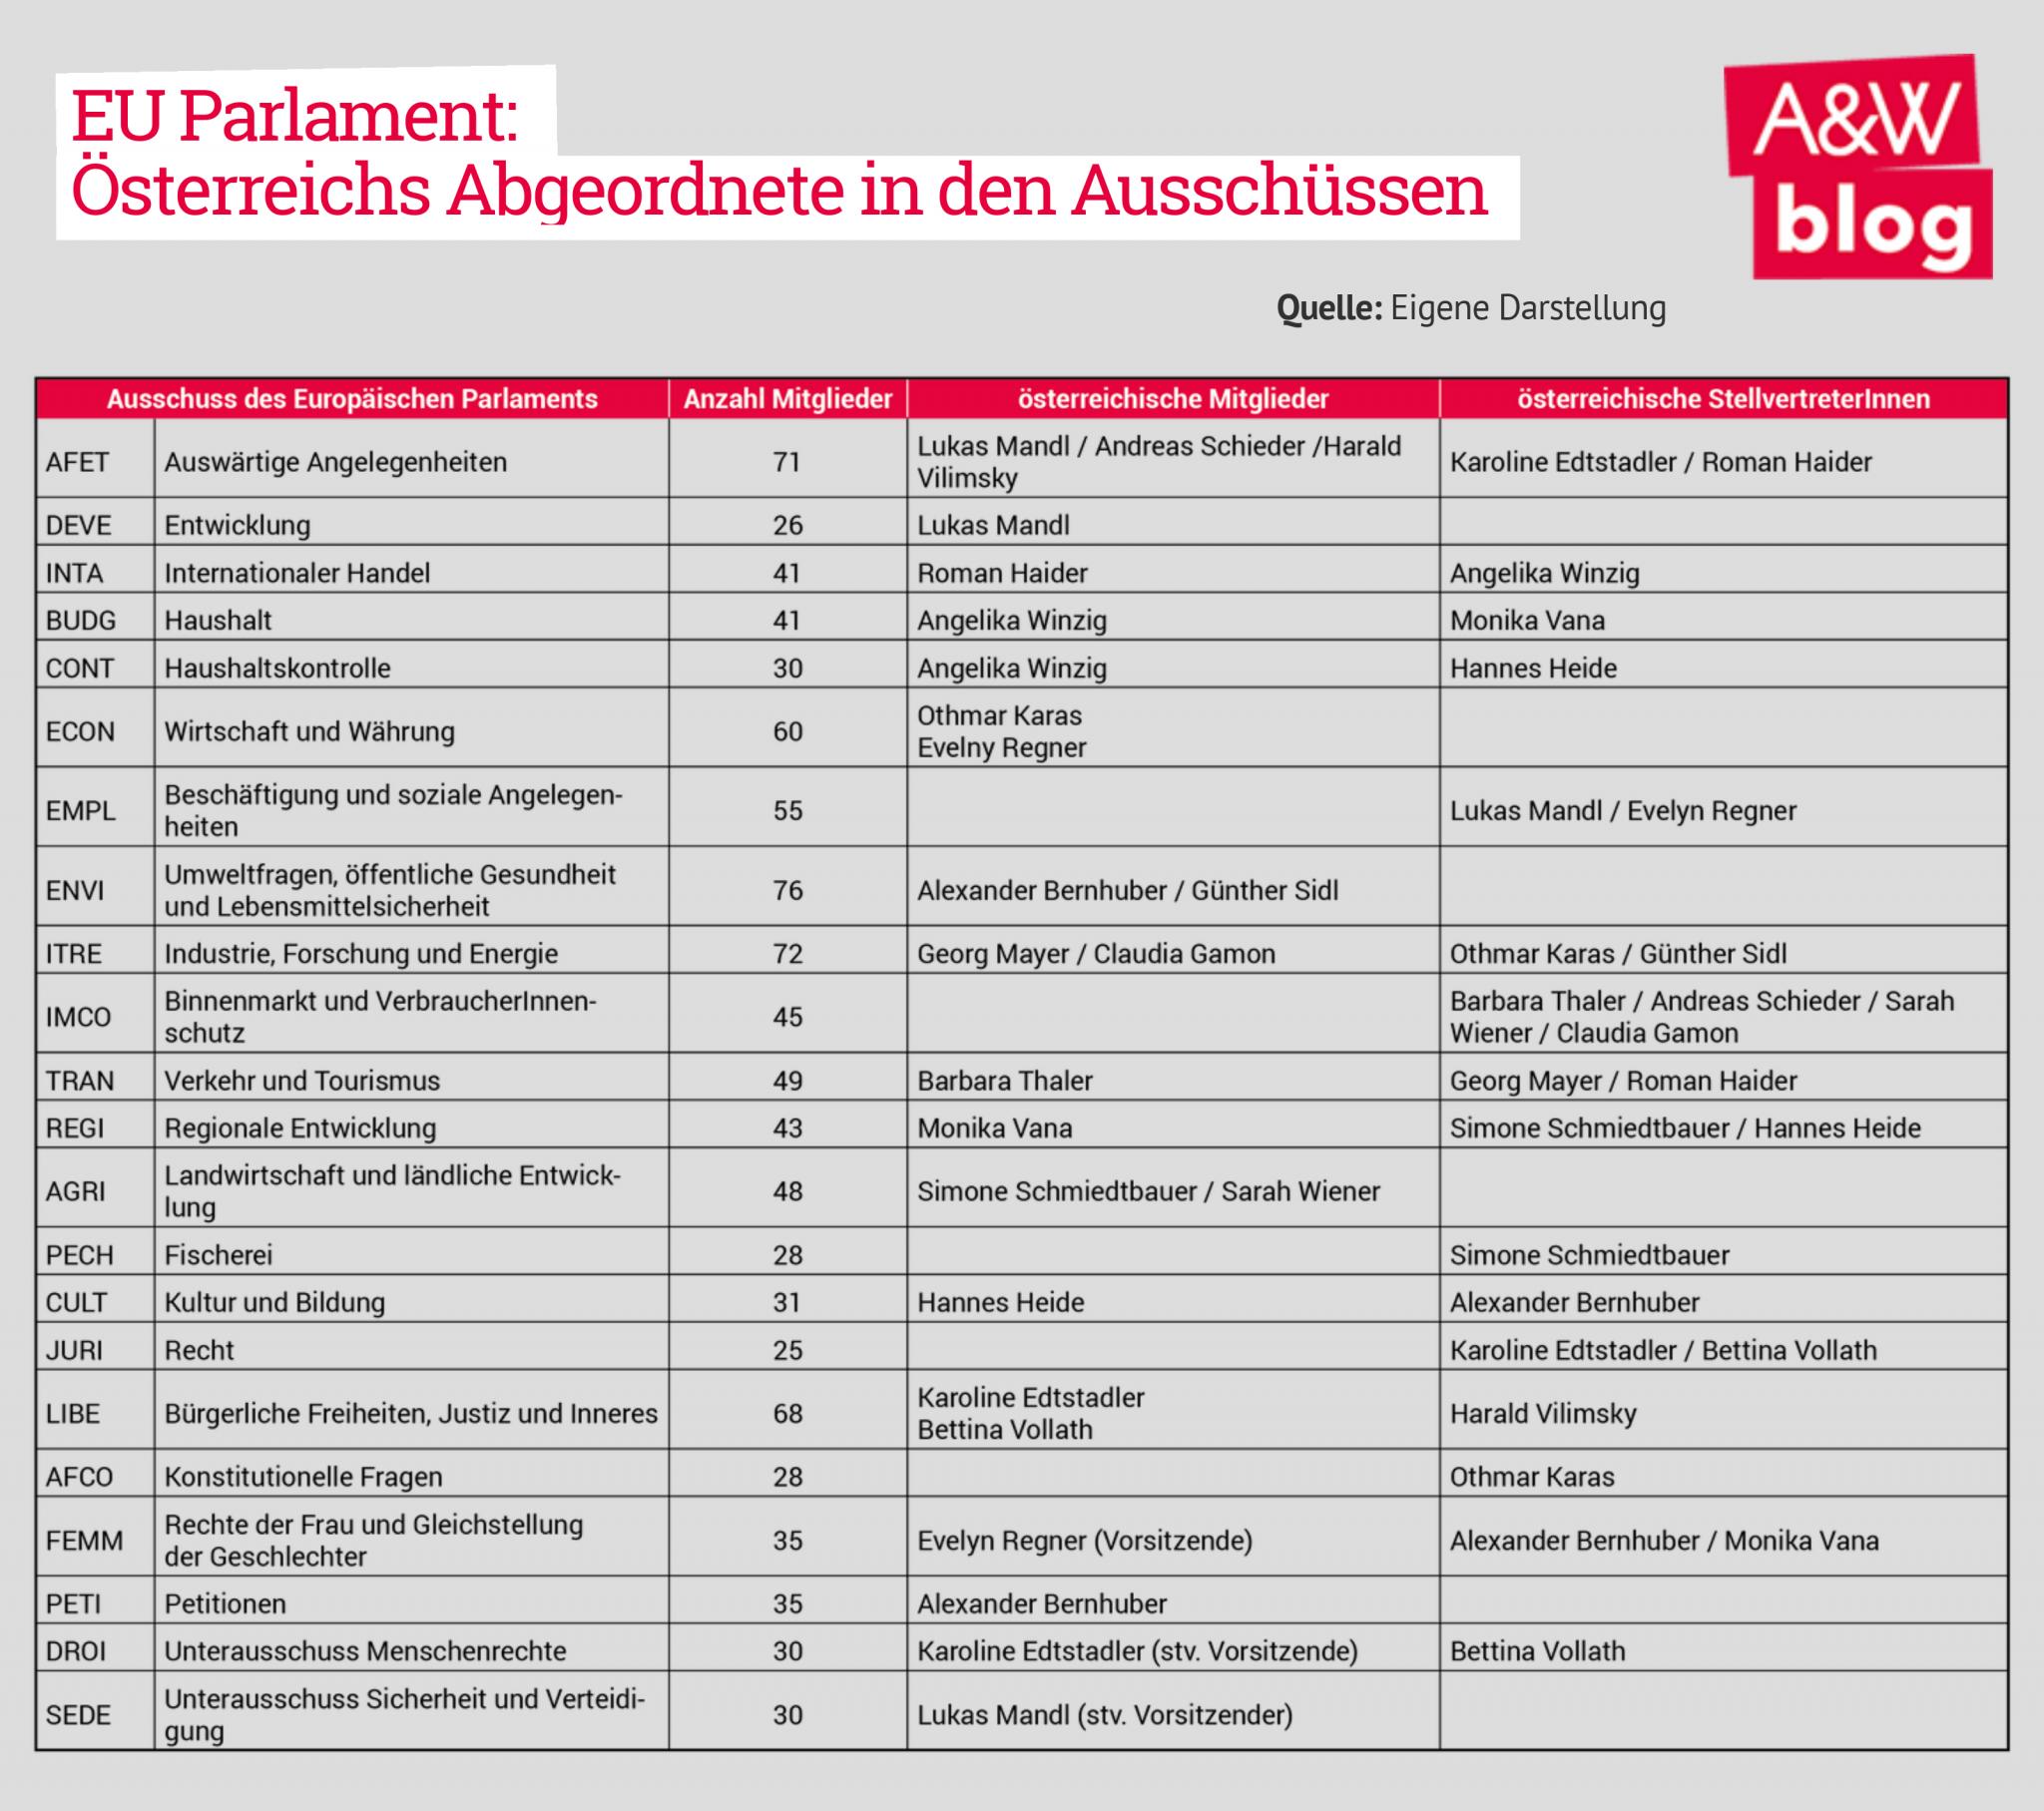 EU Parlament: Österreichs Abgeordnete in den Ausschüssen